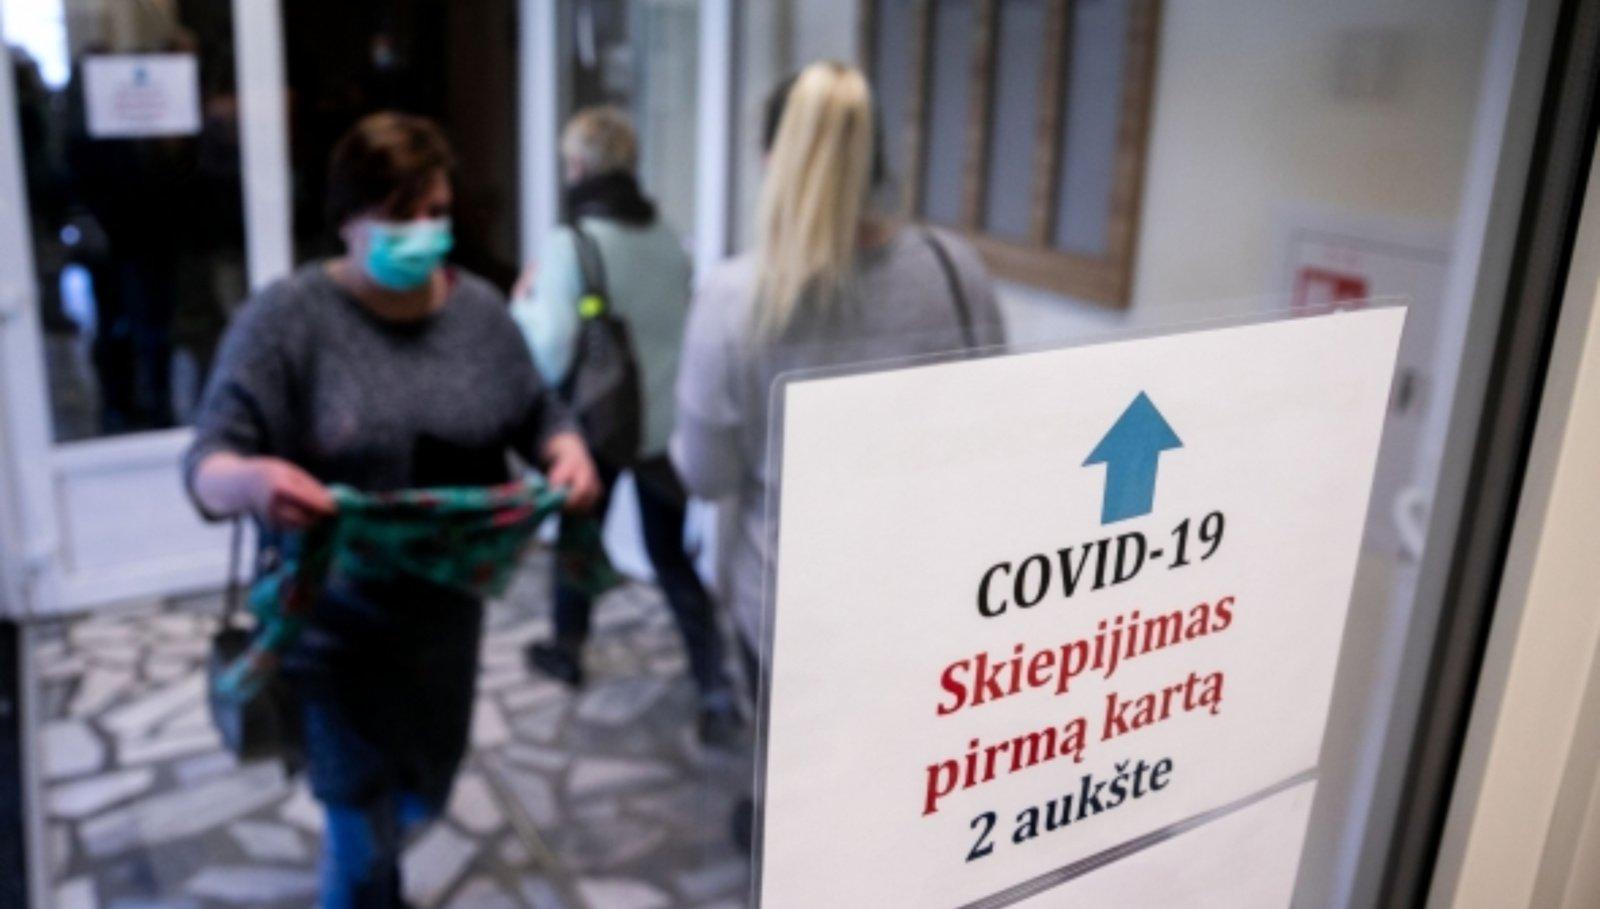 """Paaugliai Lietuvoje nuo COVID-19 galės būti skiepijami ir """"Moderna"""" vakcina"""